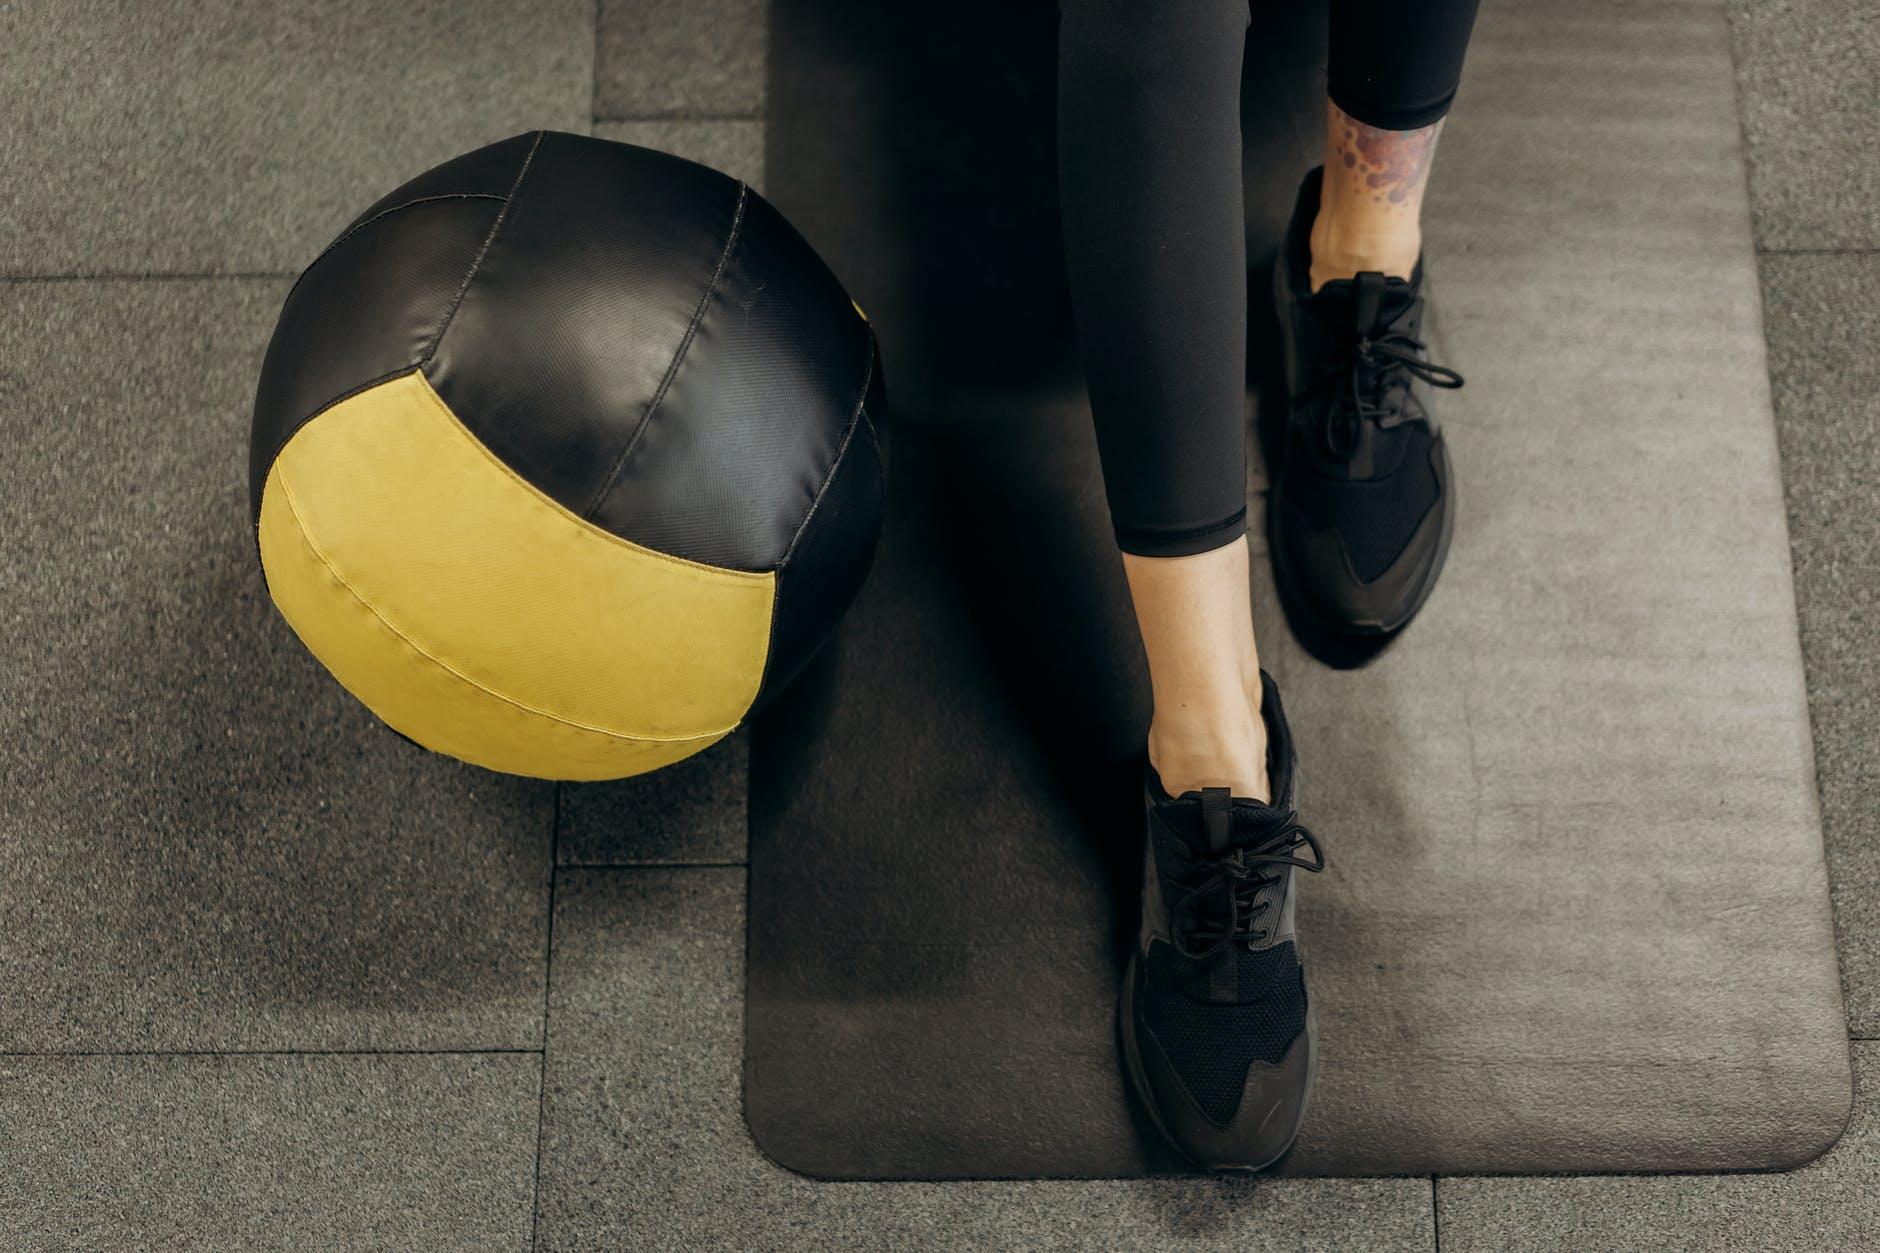 person standing on a mat beside a ball